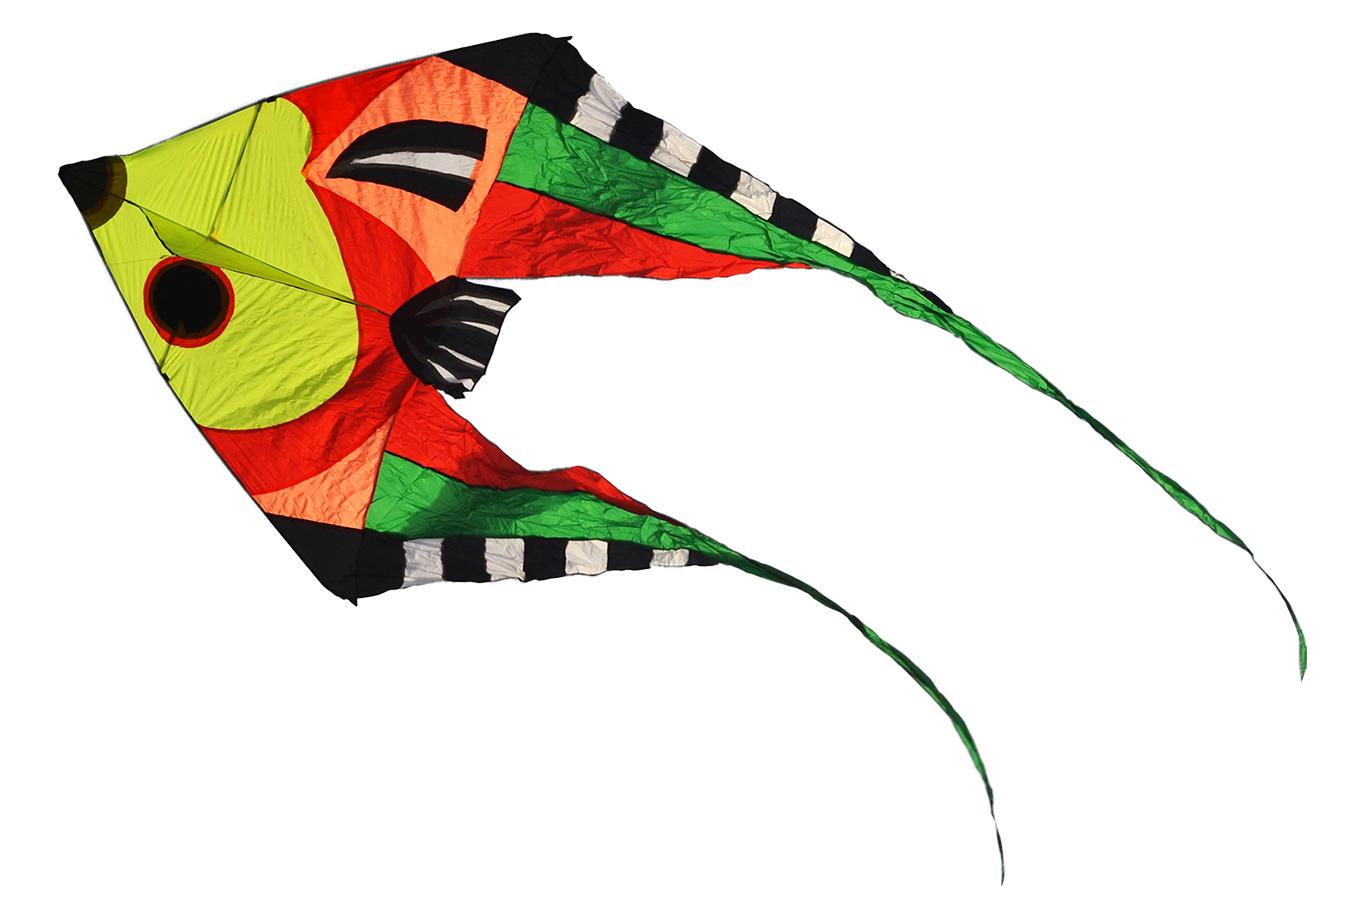 Желтая Фронтоза, воздушный змей 5 метров [ZV503]